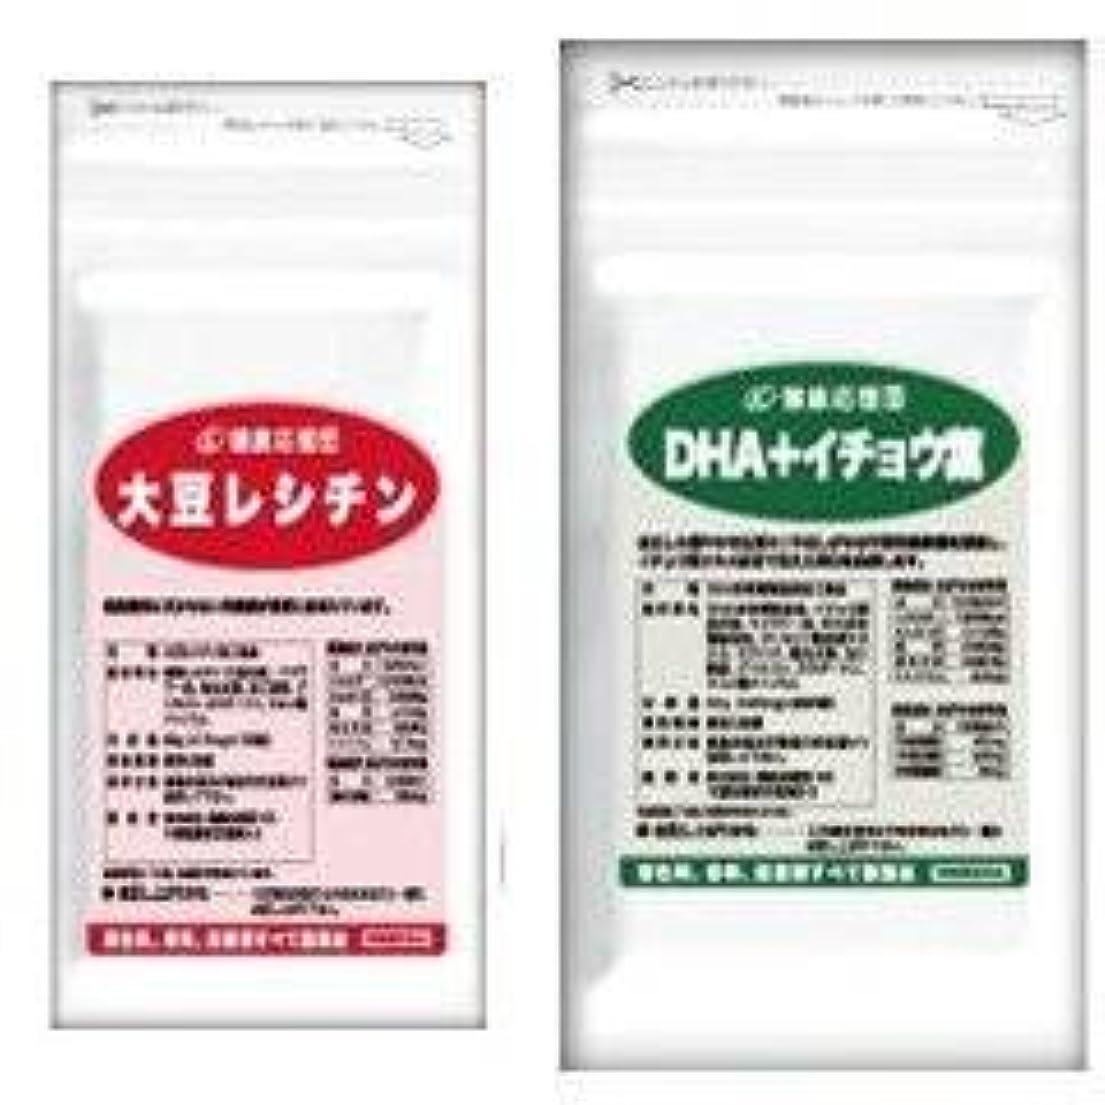 強調する大胆不敵医薬(お徳用6か月分)流れサラサラセット 大豆レシチン+(DHA?EPA+イチョウ葉)6袋&6袋セット